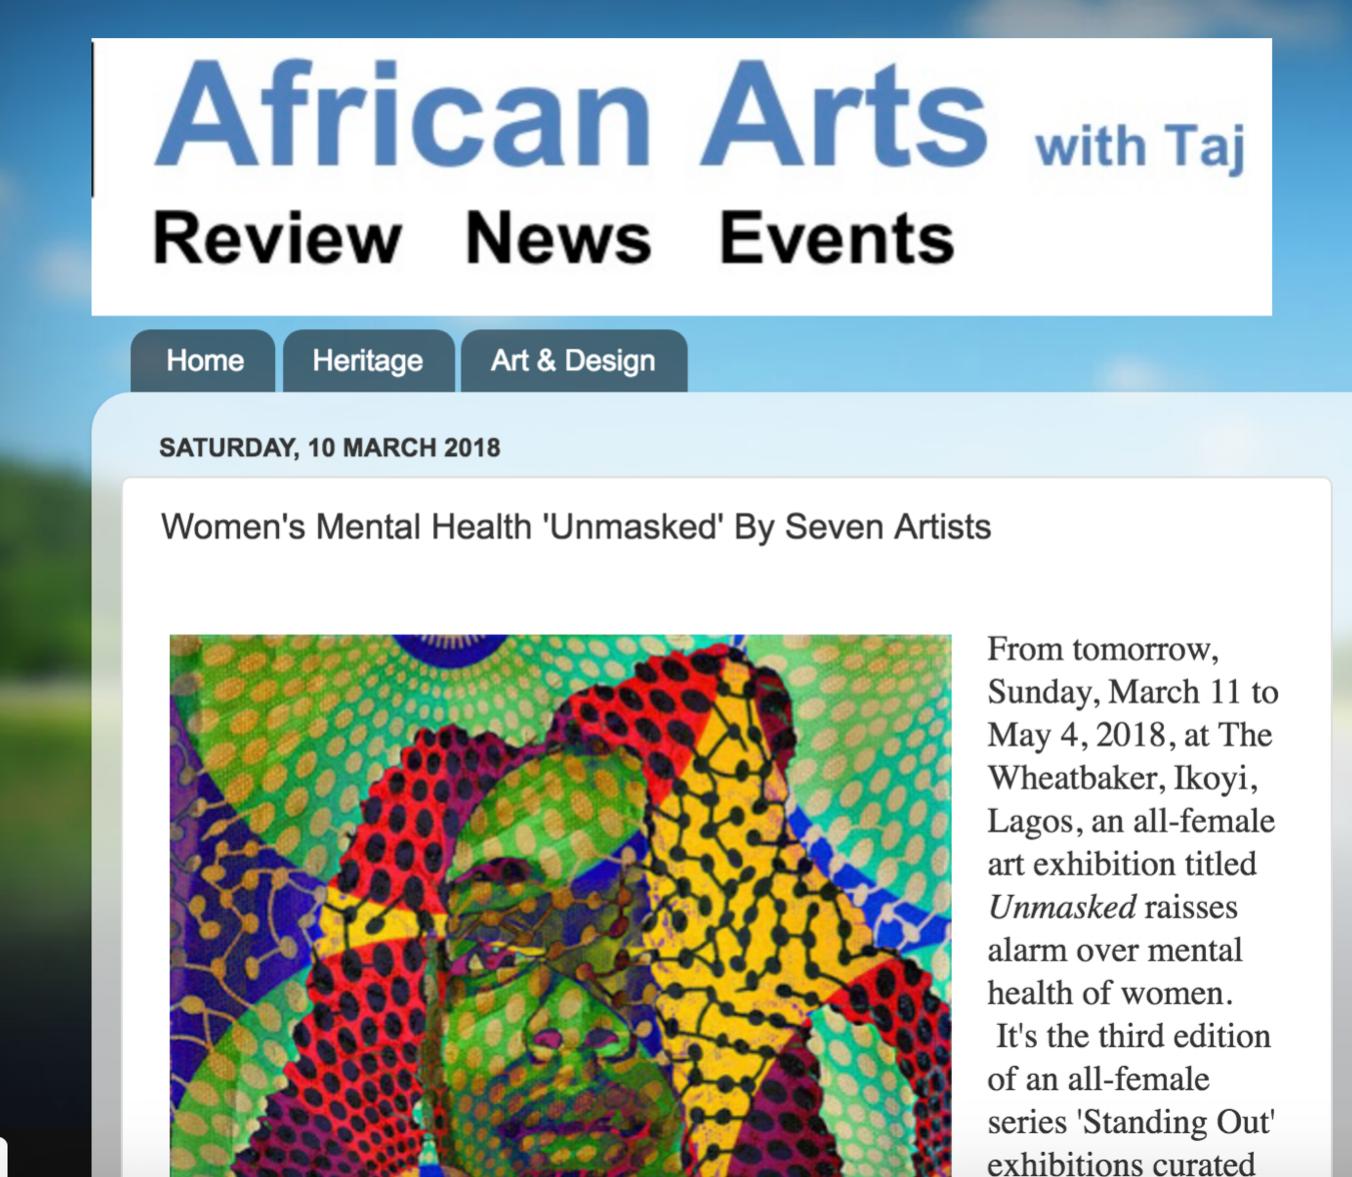 AFRICAN ARTS WITH TAJ